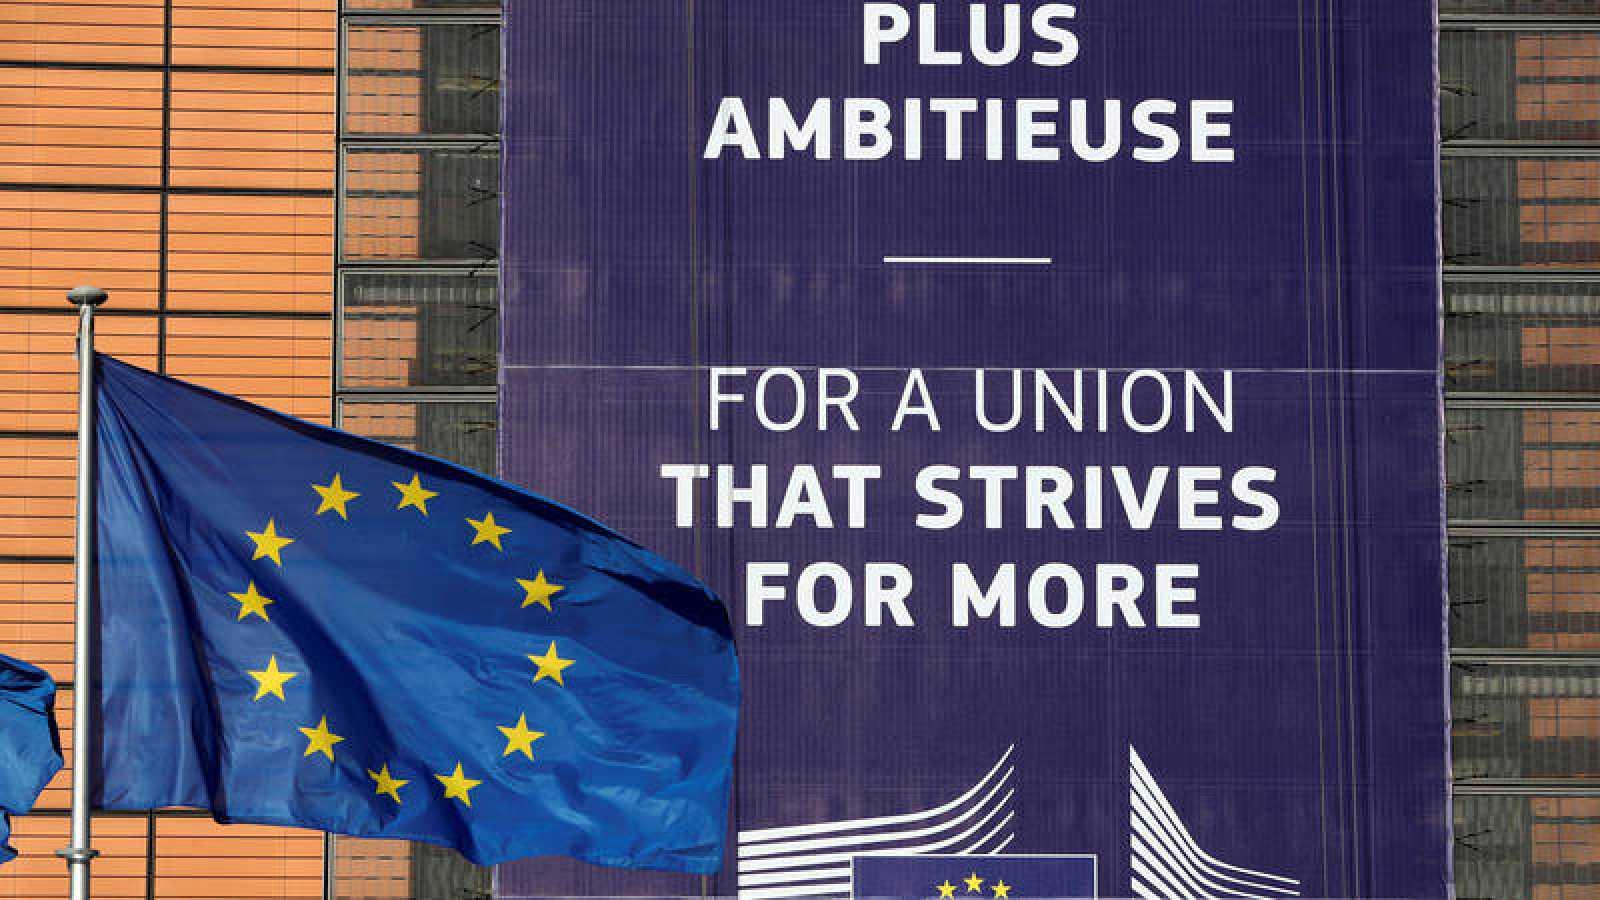 El reglamento de la Comisión ha sido adoptado en solo seis semanas